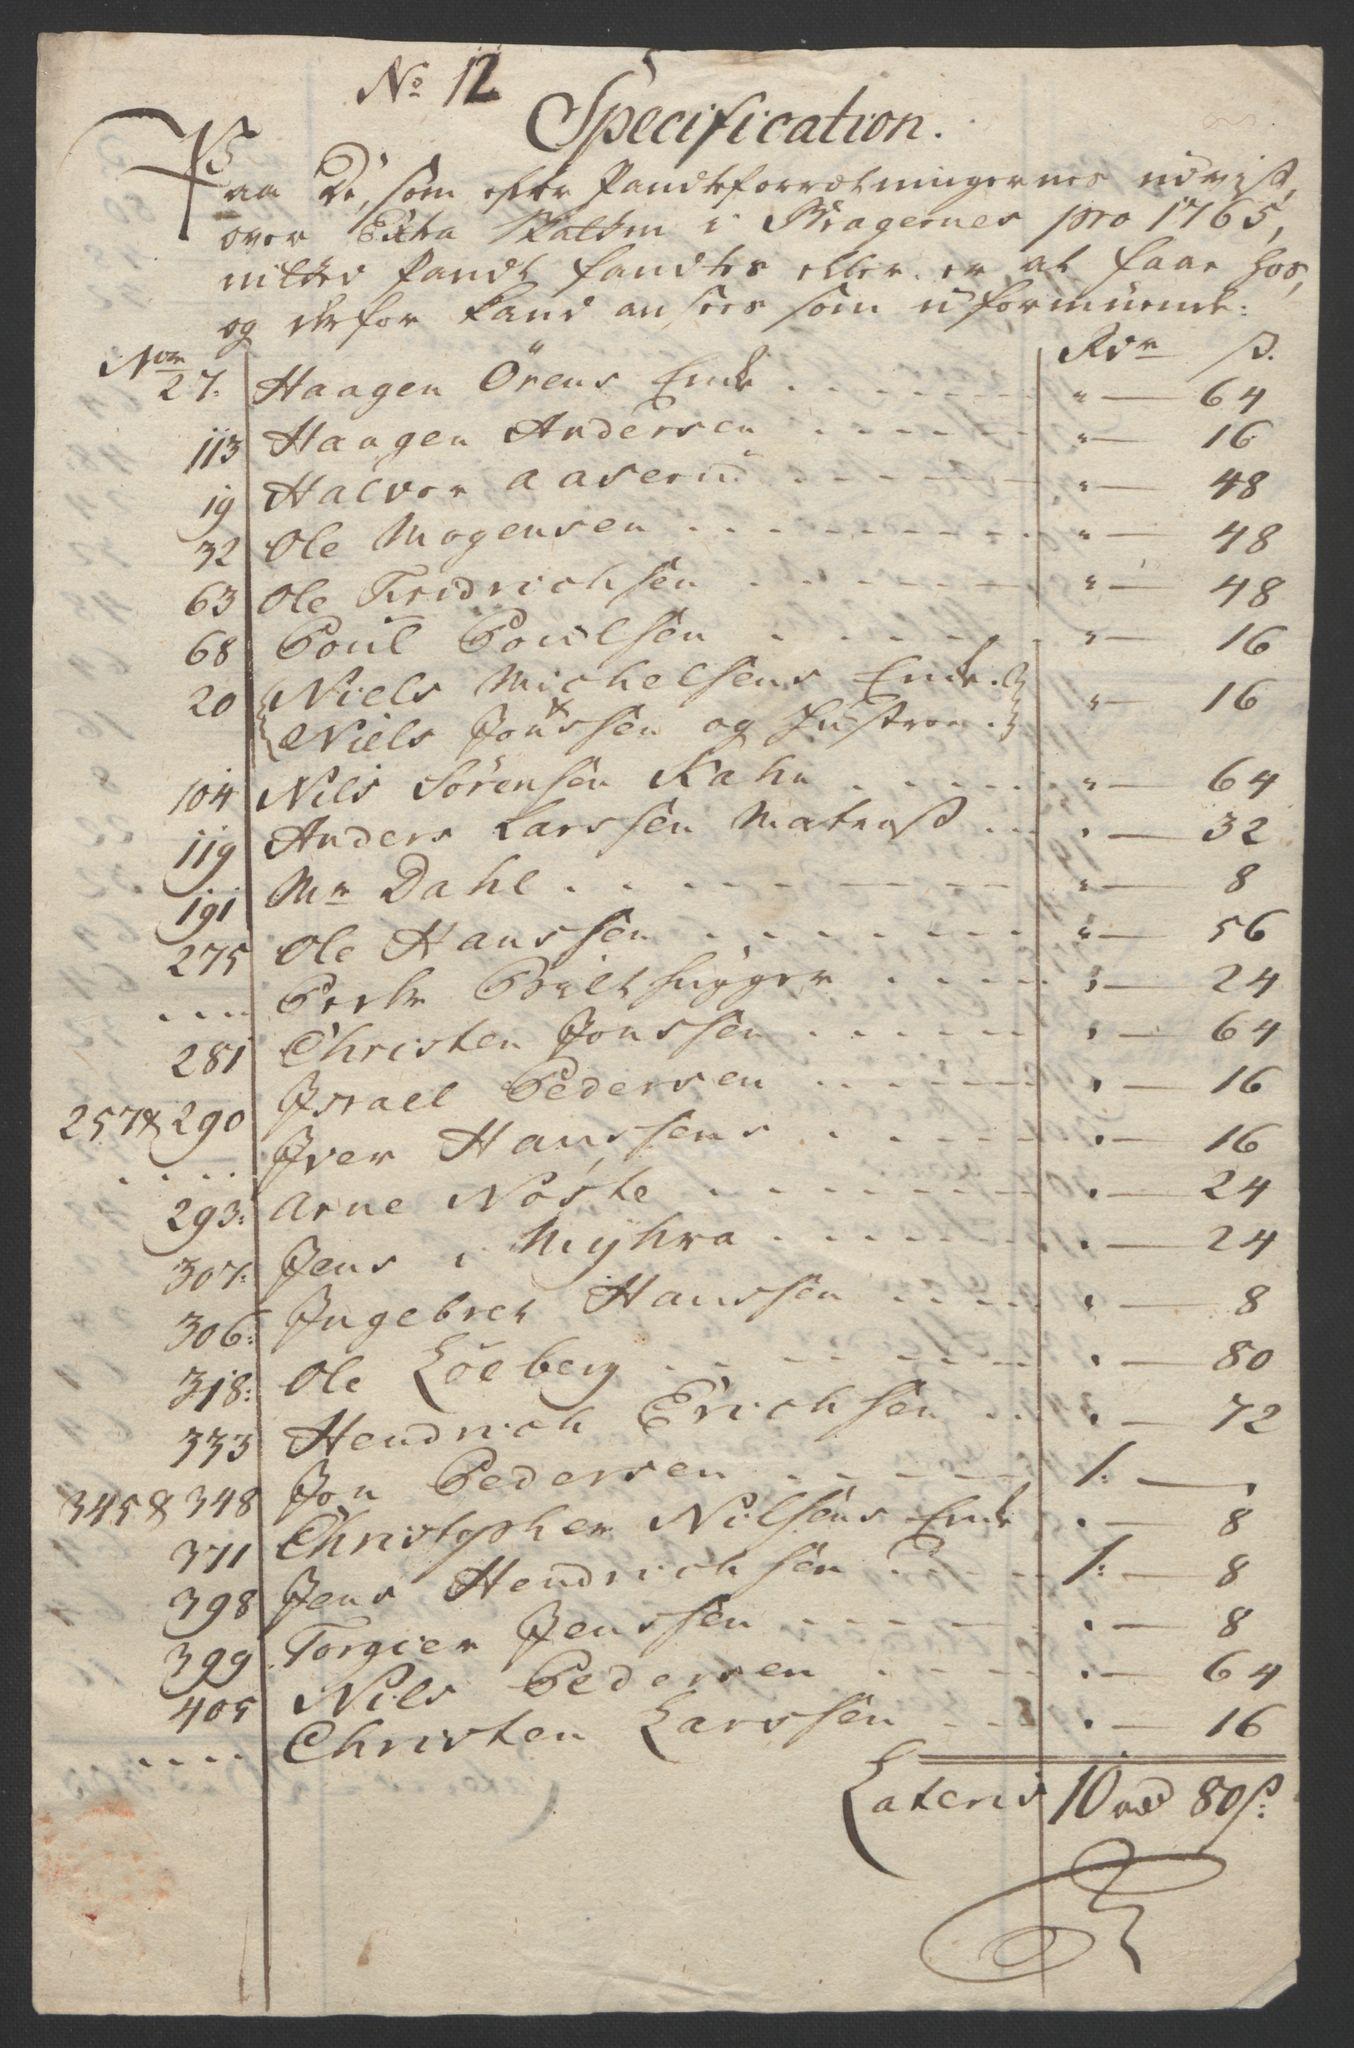 RA, Rentekammeret inntil 1814, Reviderte regnskaper, Byregnskaper, R/Rf/L0119: [F2] Kontribusjonsregnskap, 1762-1767, s. 348